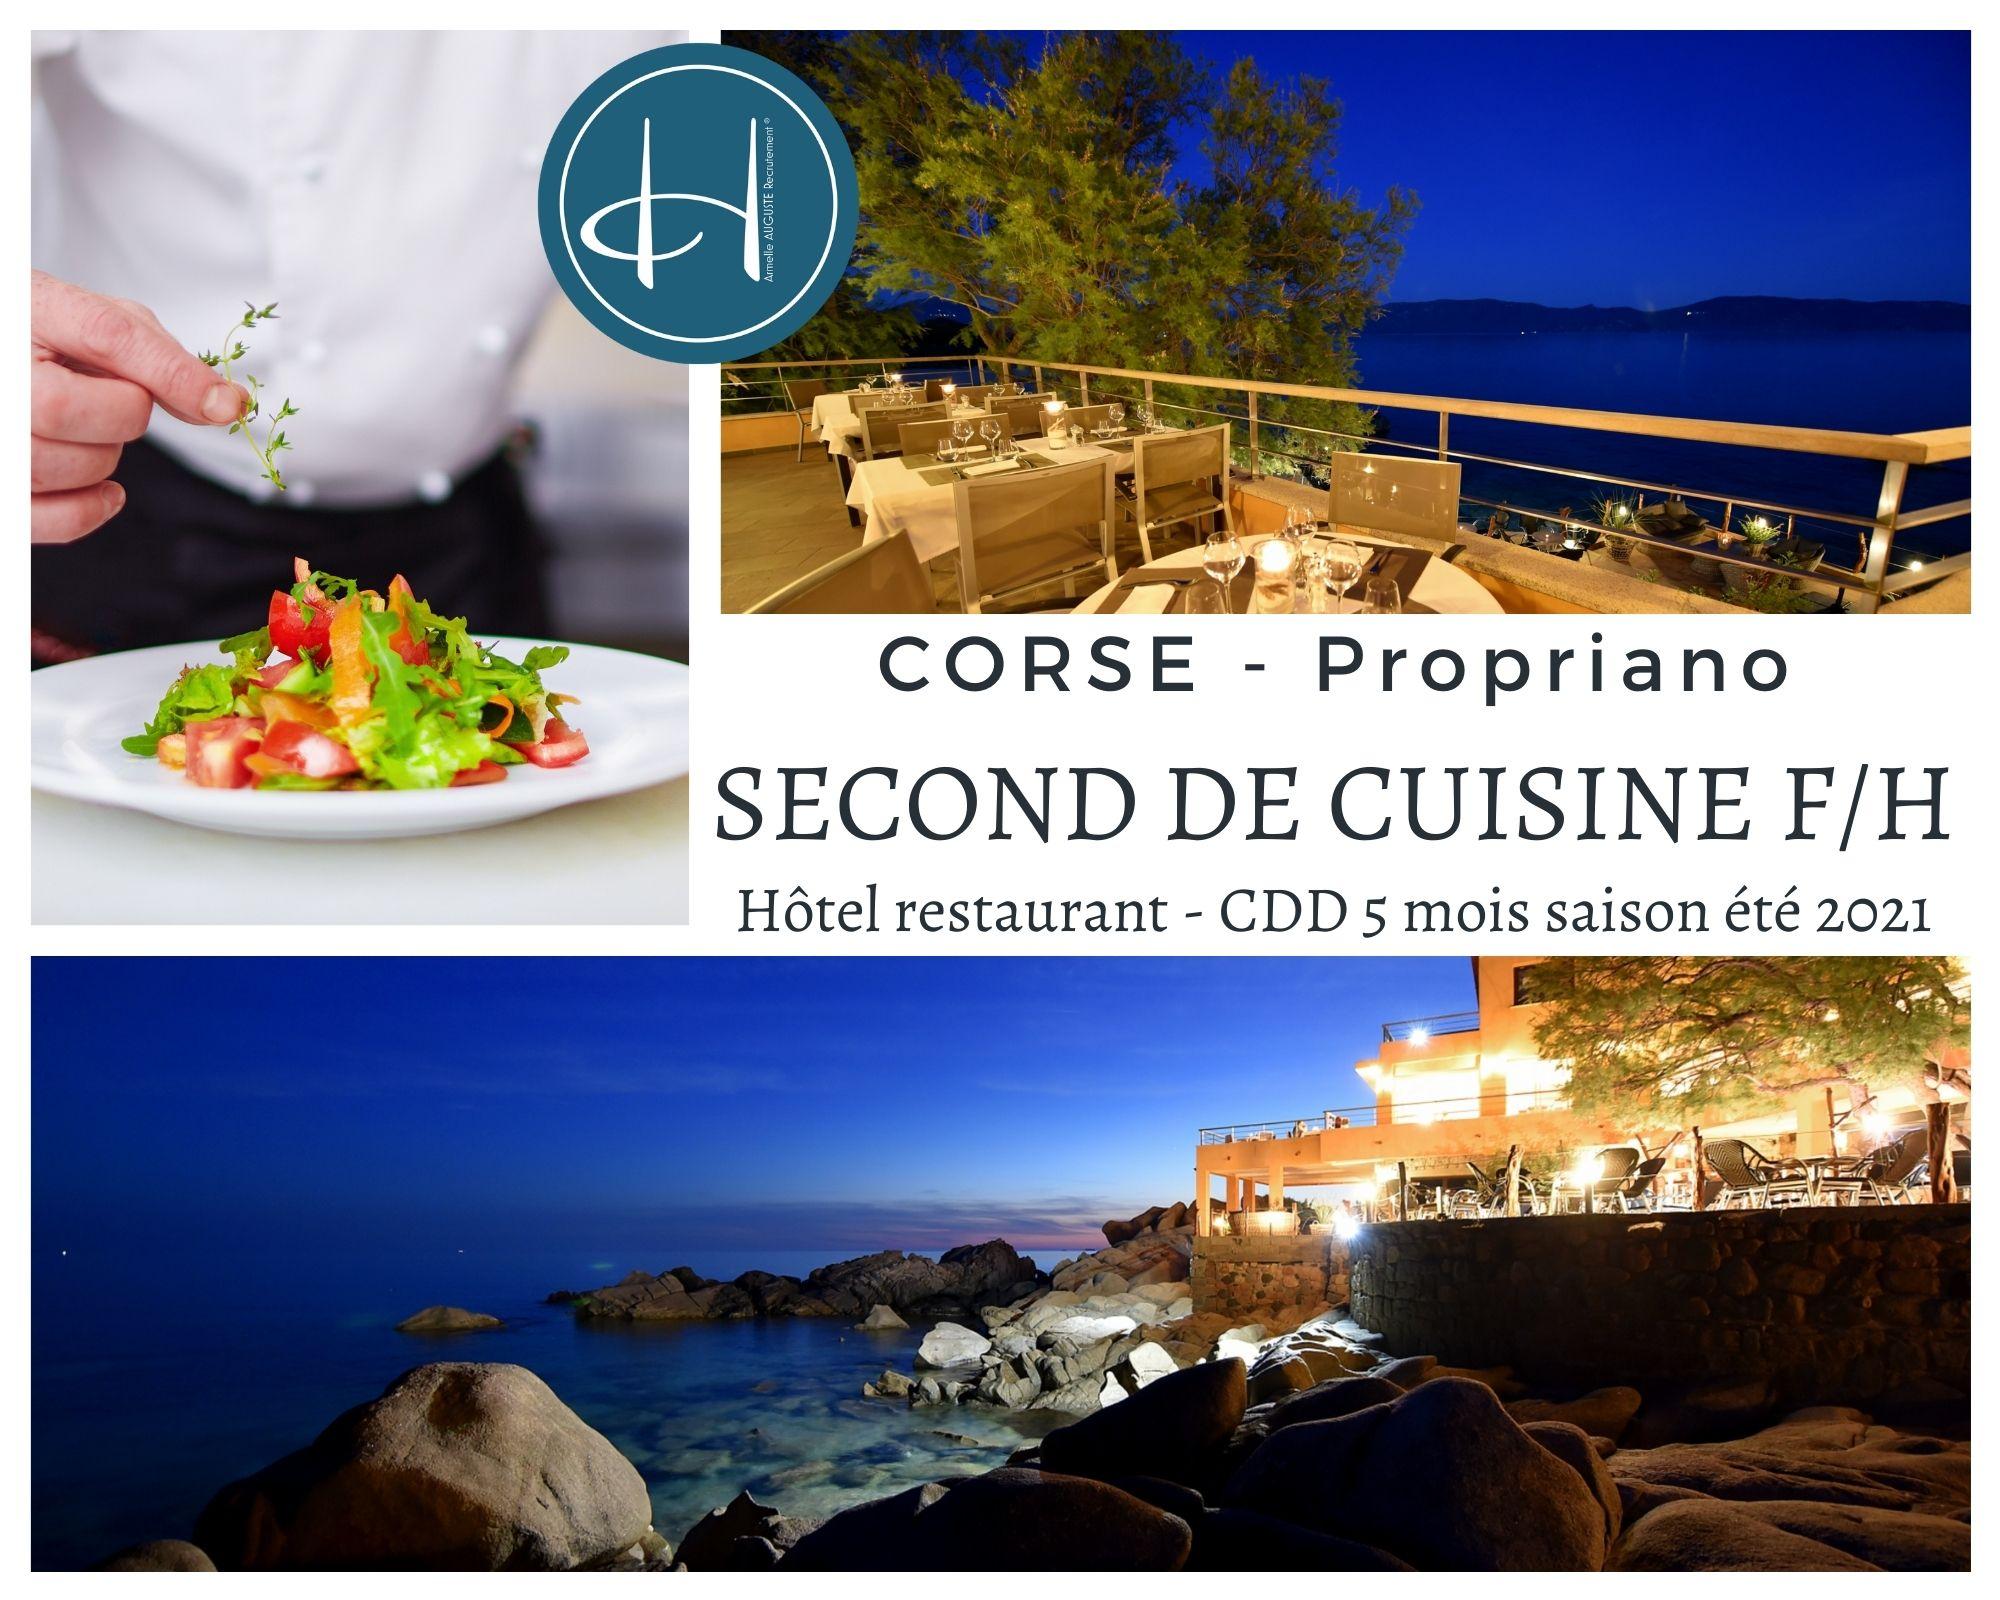 Recrutement: Second de cuisine en Corse Propriano saison été 2021 F/H chez Armelle AUGUSTE Recrutement® à Propriano